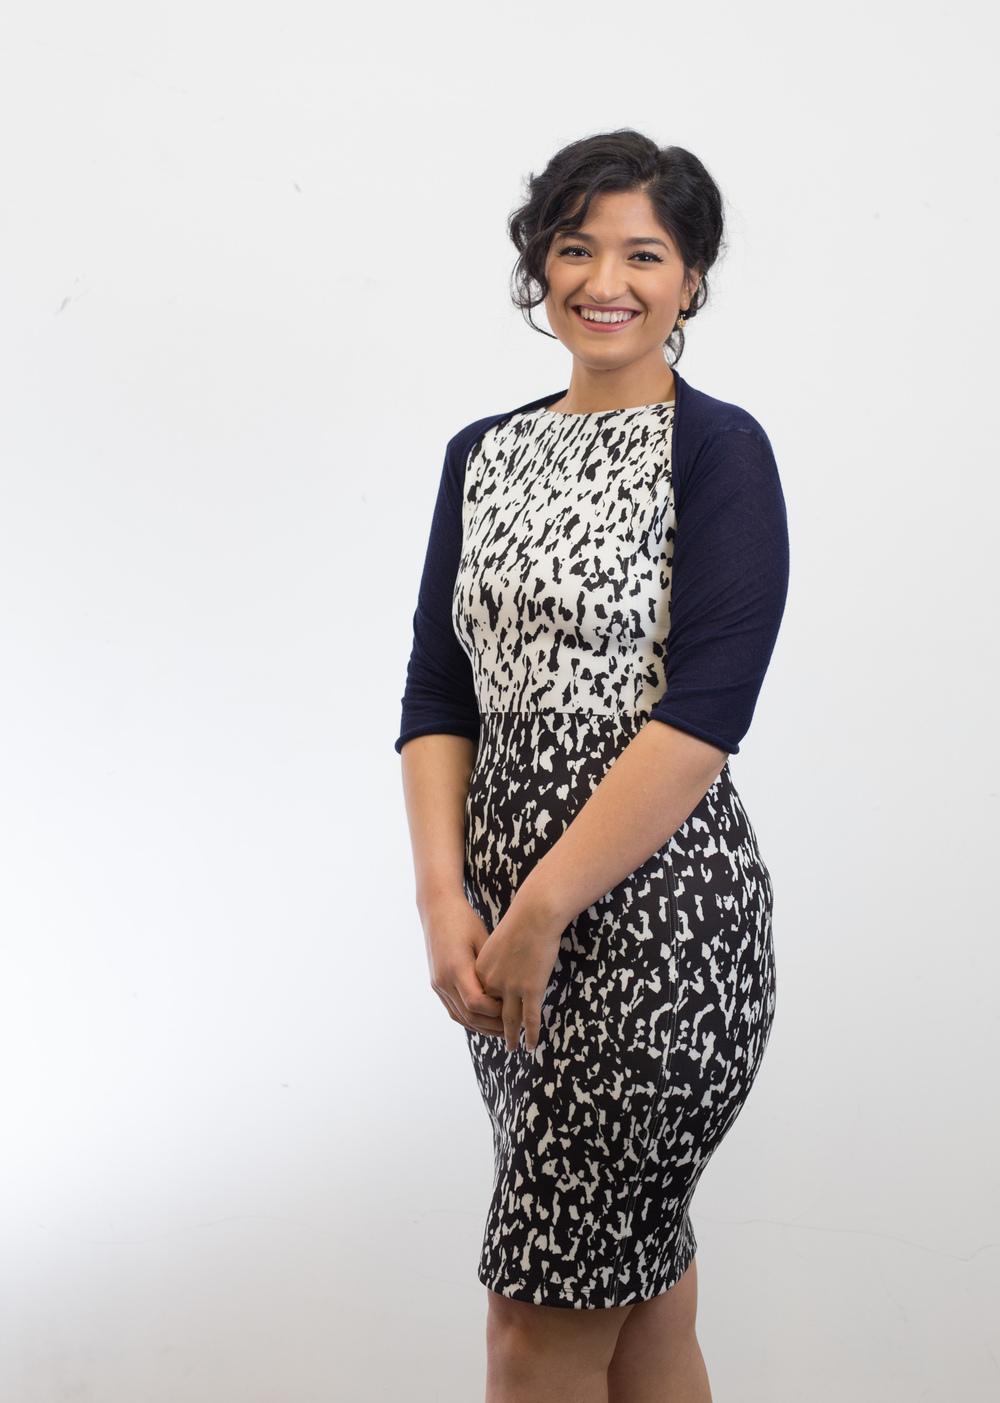 Victoria Abadi / Junior Interior Designer